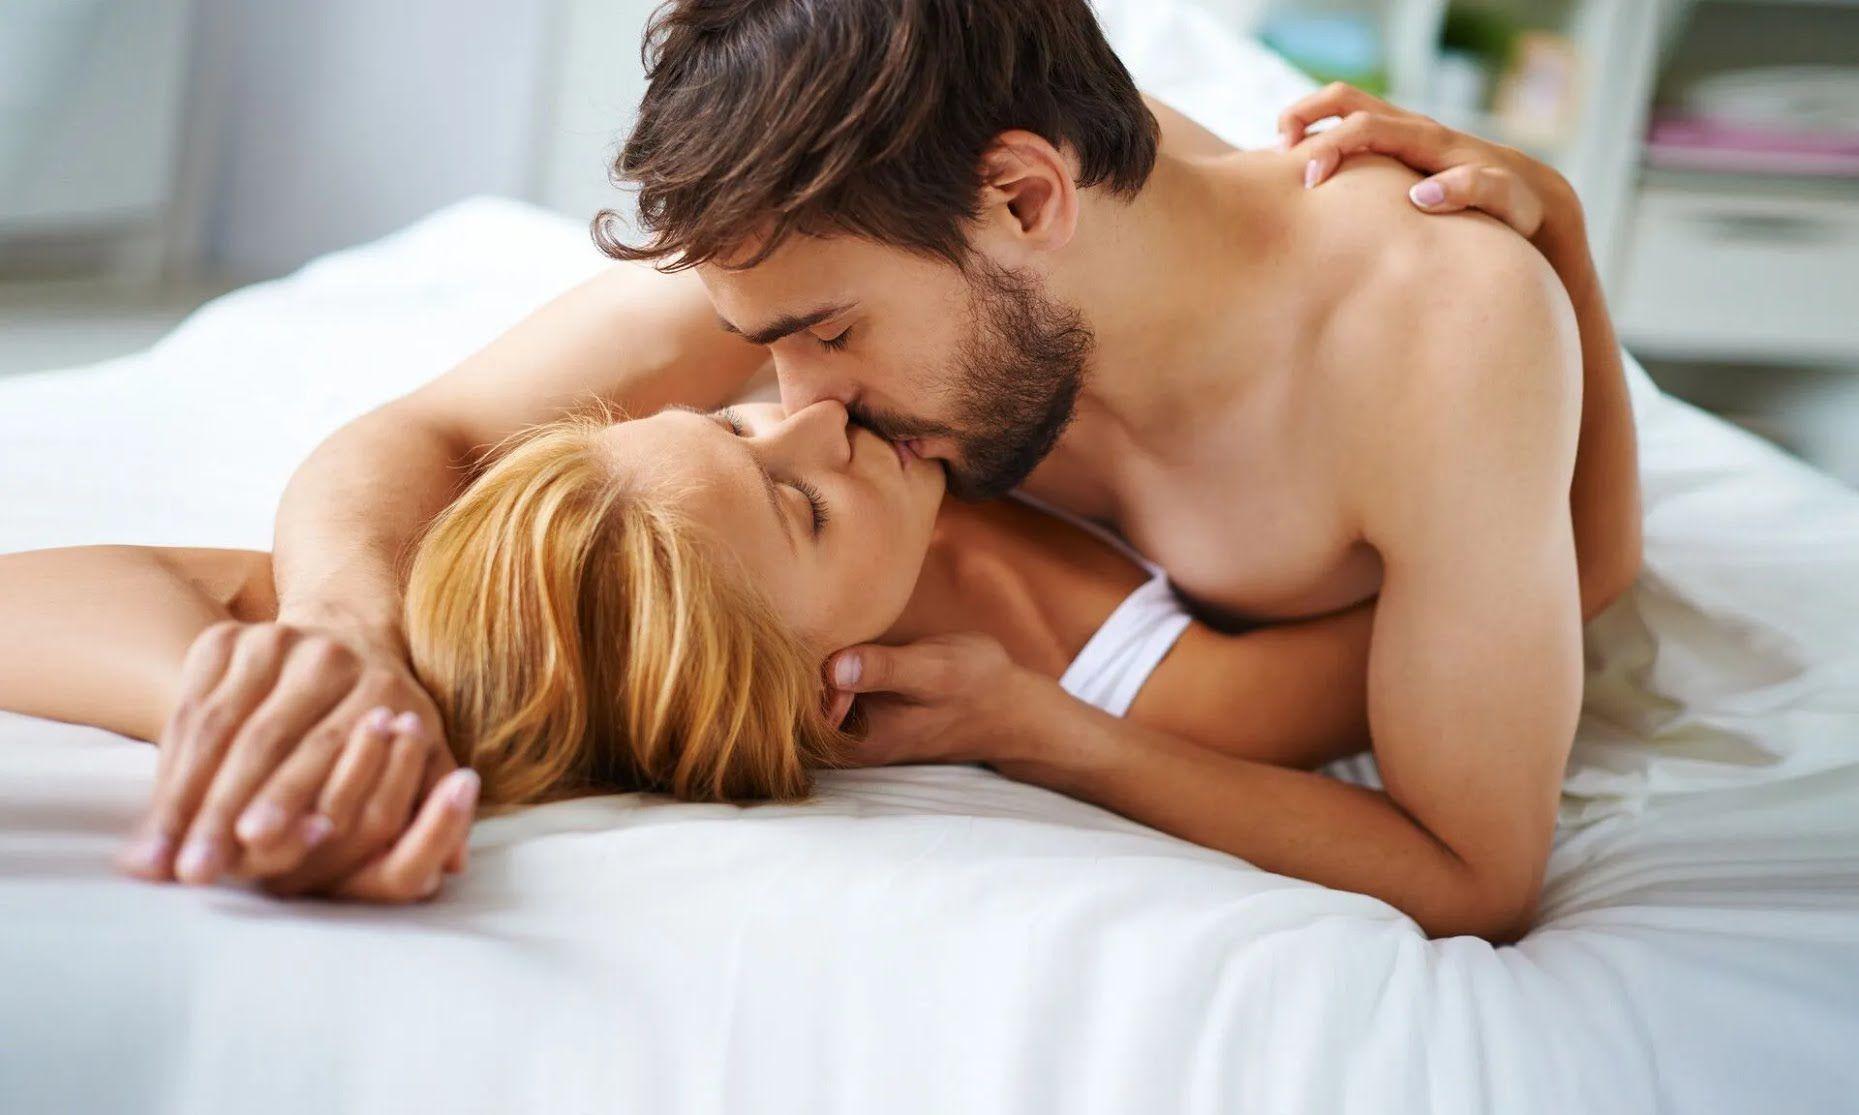 Важно отличать порно-идеалы от реальности в сексе.